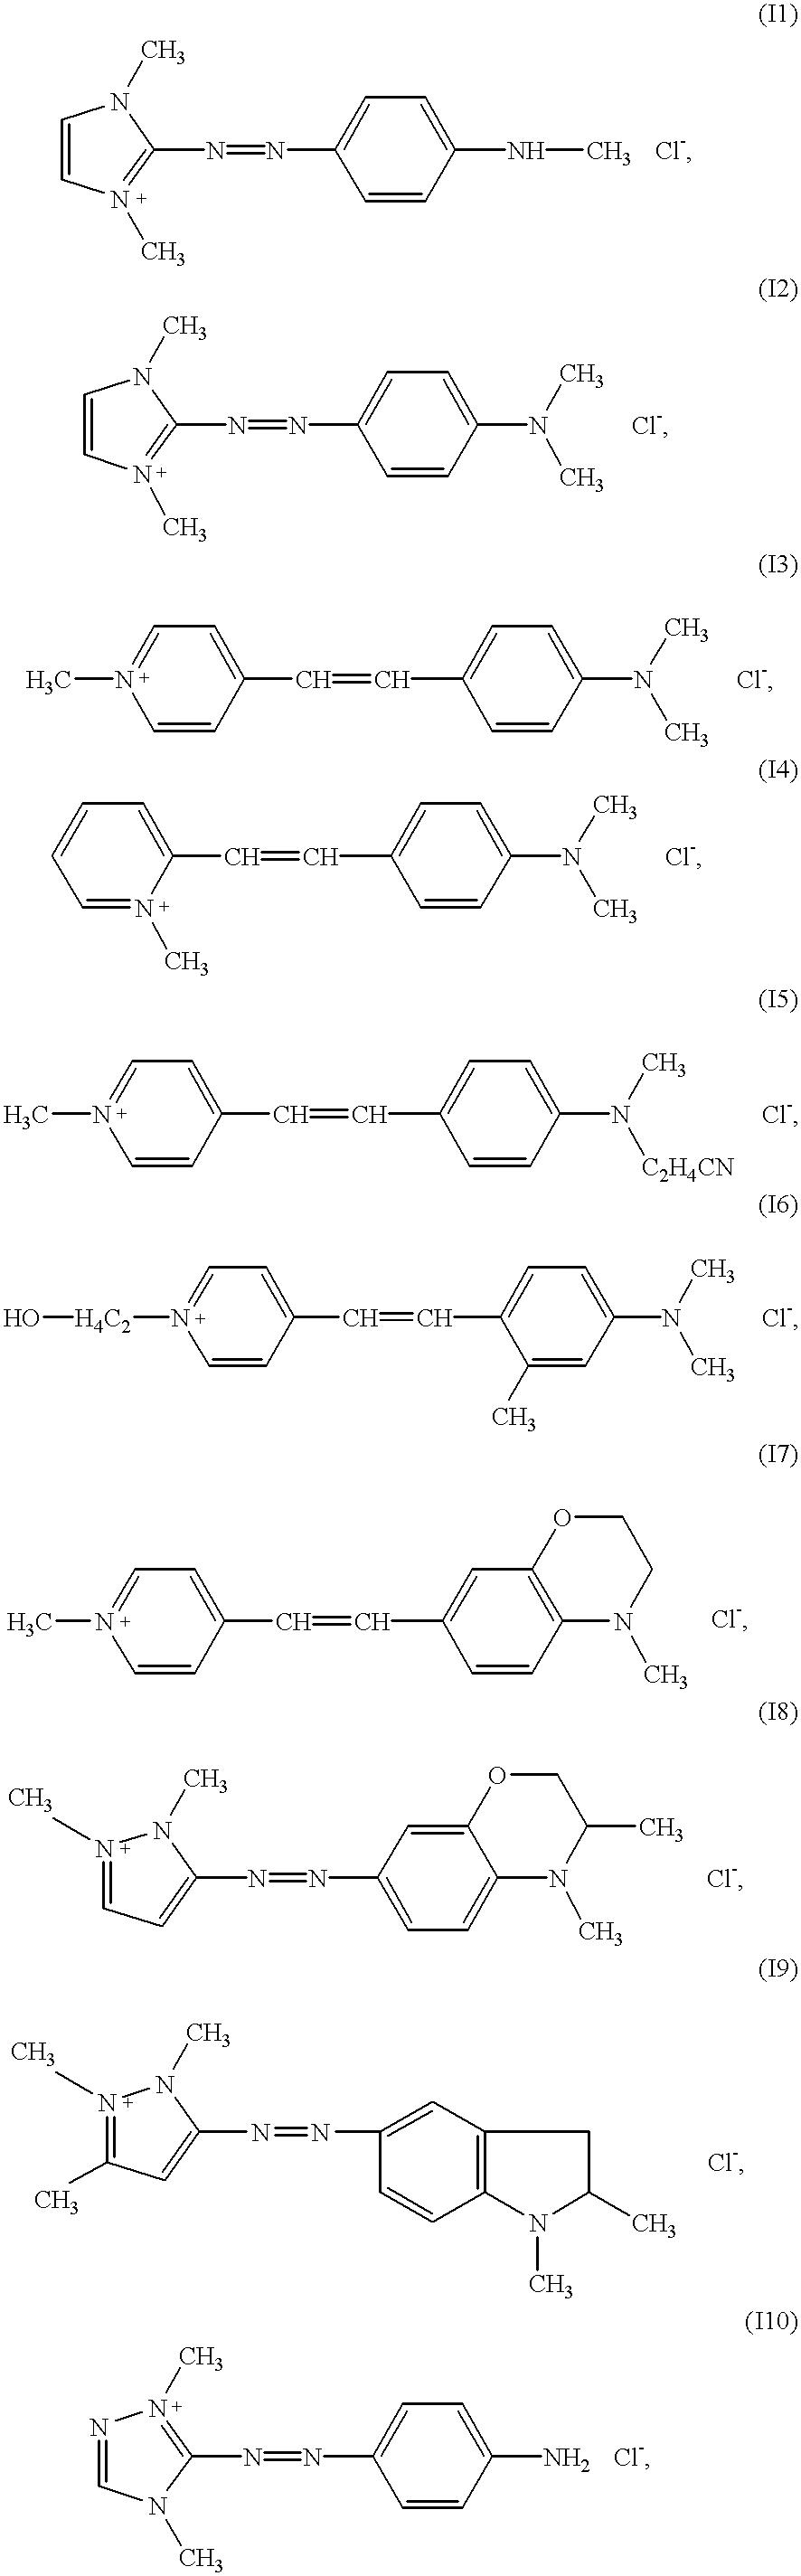 Figure US20020046432A1-20020425-C00008